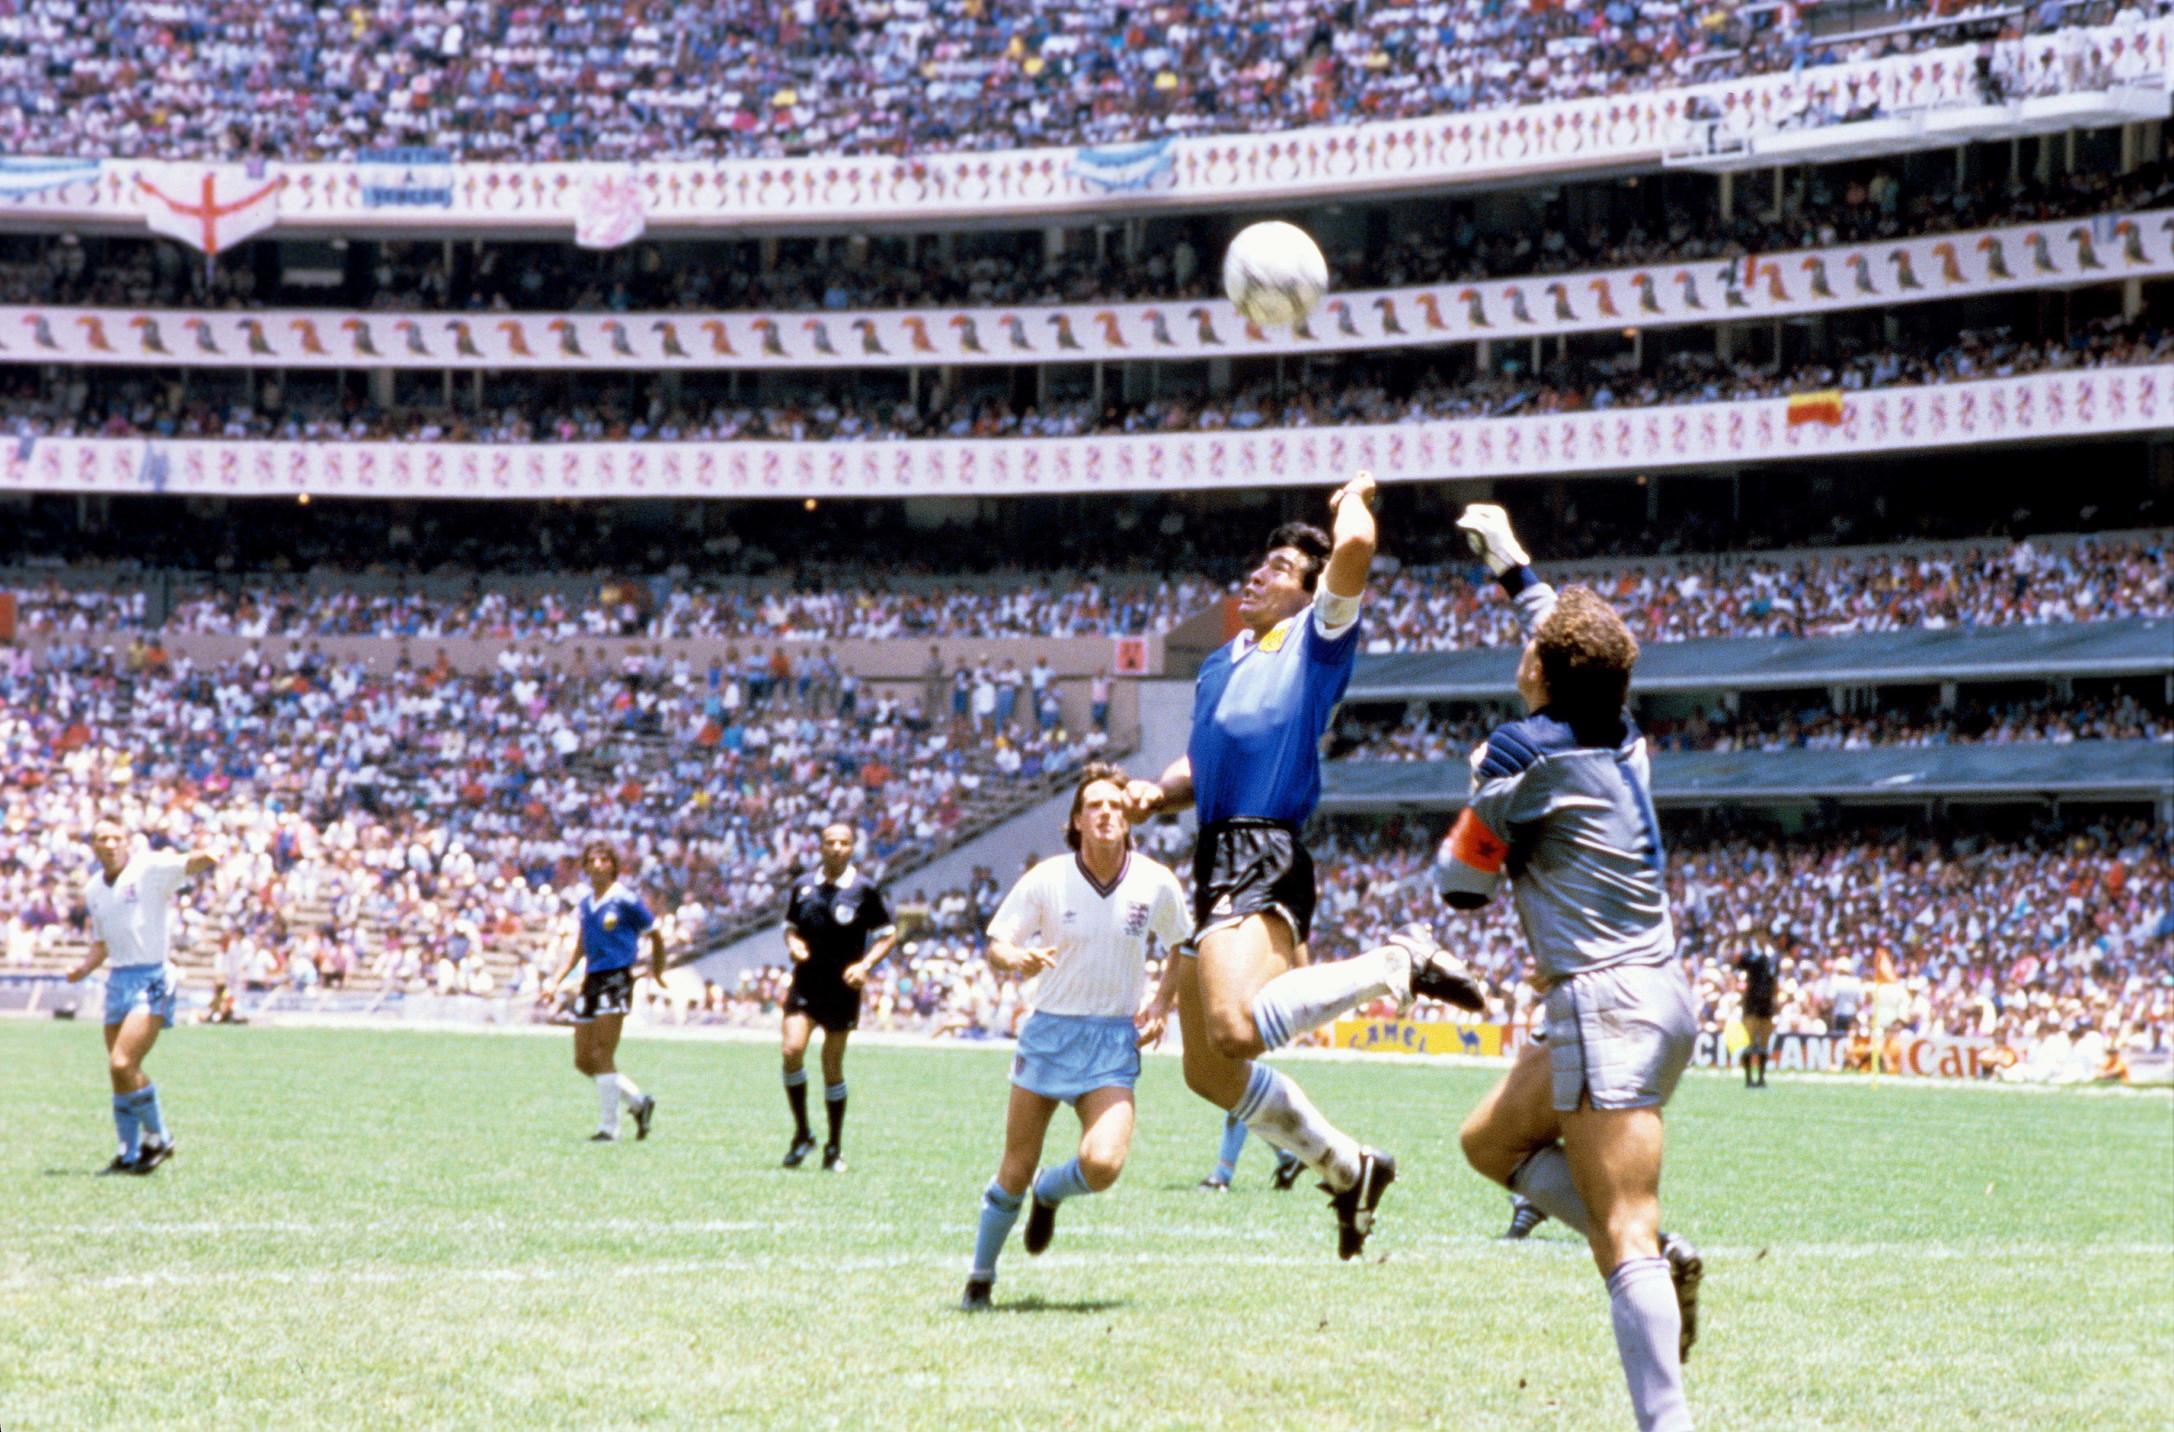 La Mano de Dios. Ai quarti di finale del mondiale 1986 Maradona segnò con la mano sinistra il gol dell'1-0 ingannando l'arbitro tunisino Al Bin Nasser. A nulla valsero le proteste del portiere inglese Peter Shilton.